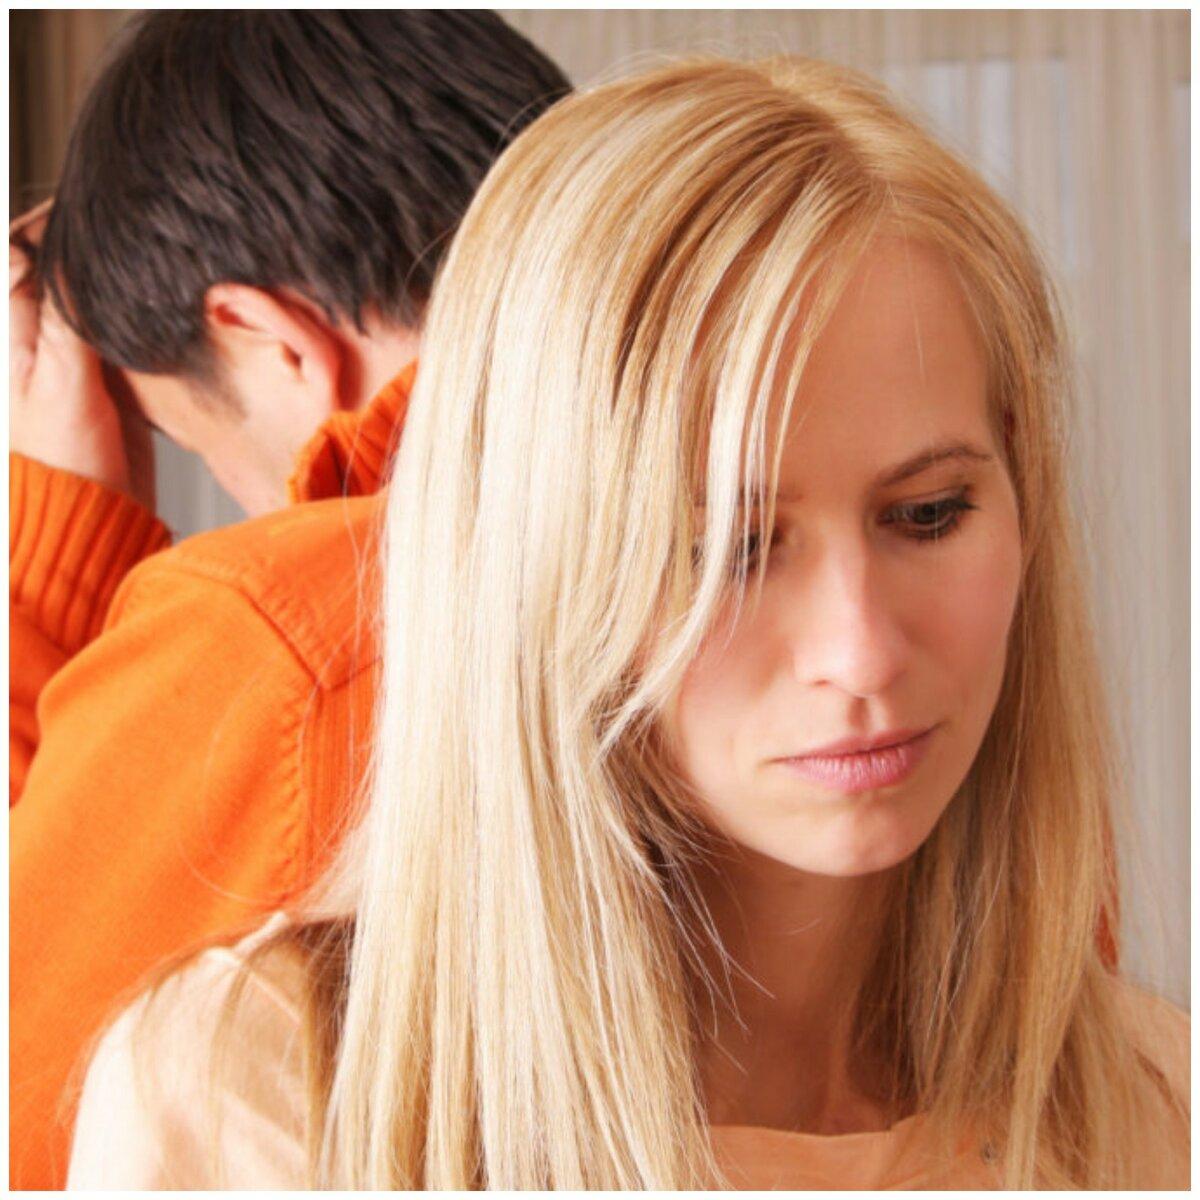 Чего категорически нельзя делать при расставании с любимым?